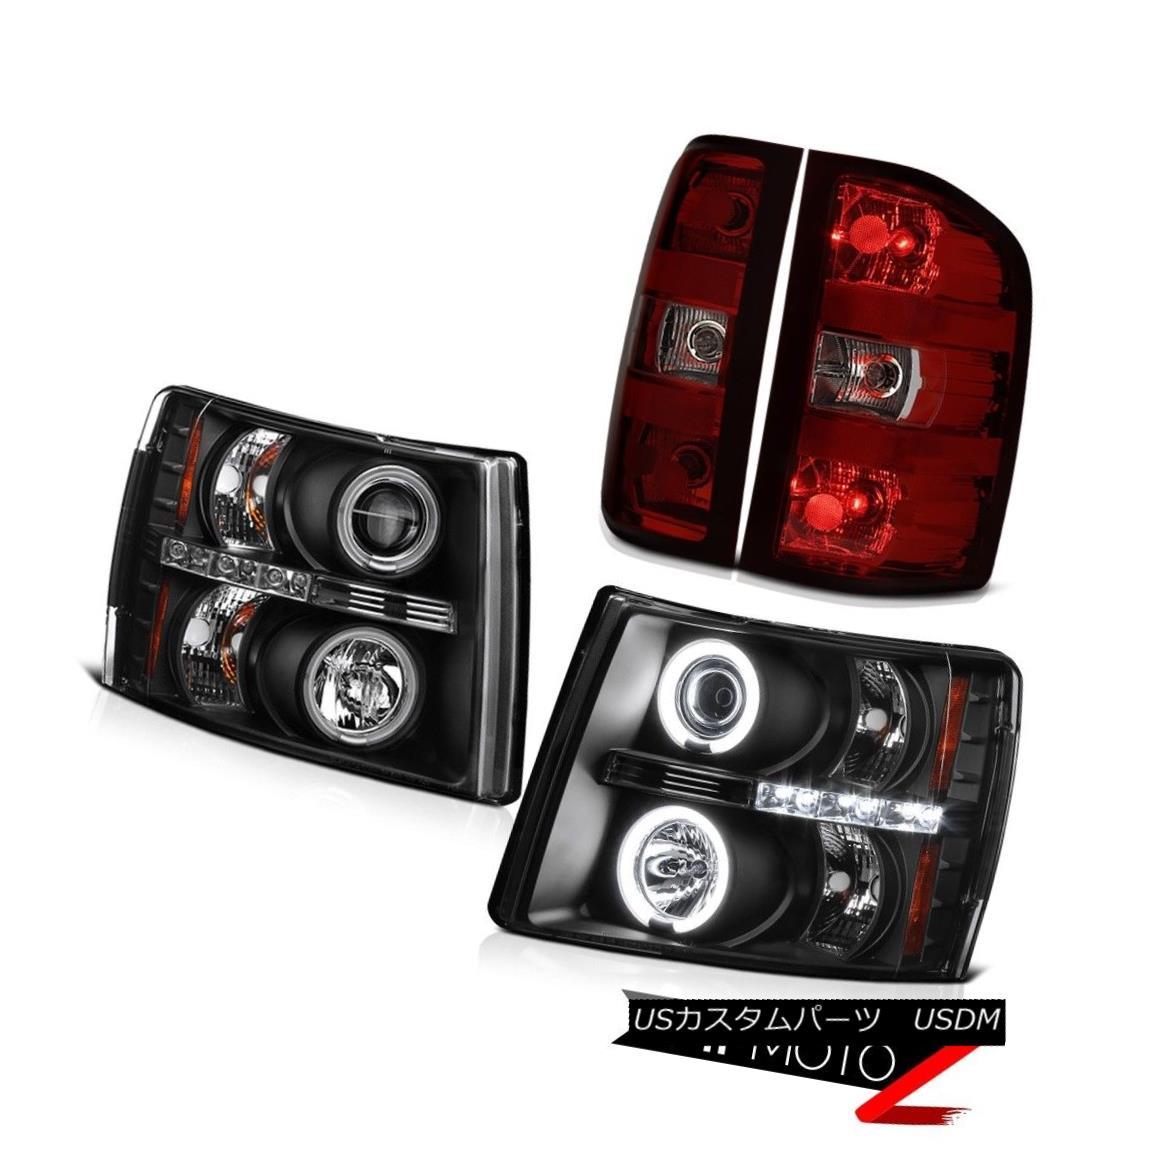 テールライト 07-13 Chevy Silverado 1500 Red Smoke Tail Lights Headlights Ccfl Halo Brightest 07-13 Chevy Silverado 1500レッド煙テールライトヘッドライトCcfl Halo Brightest